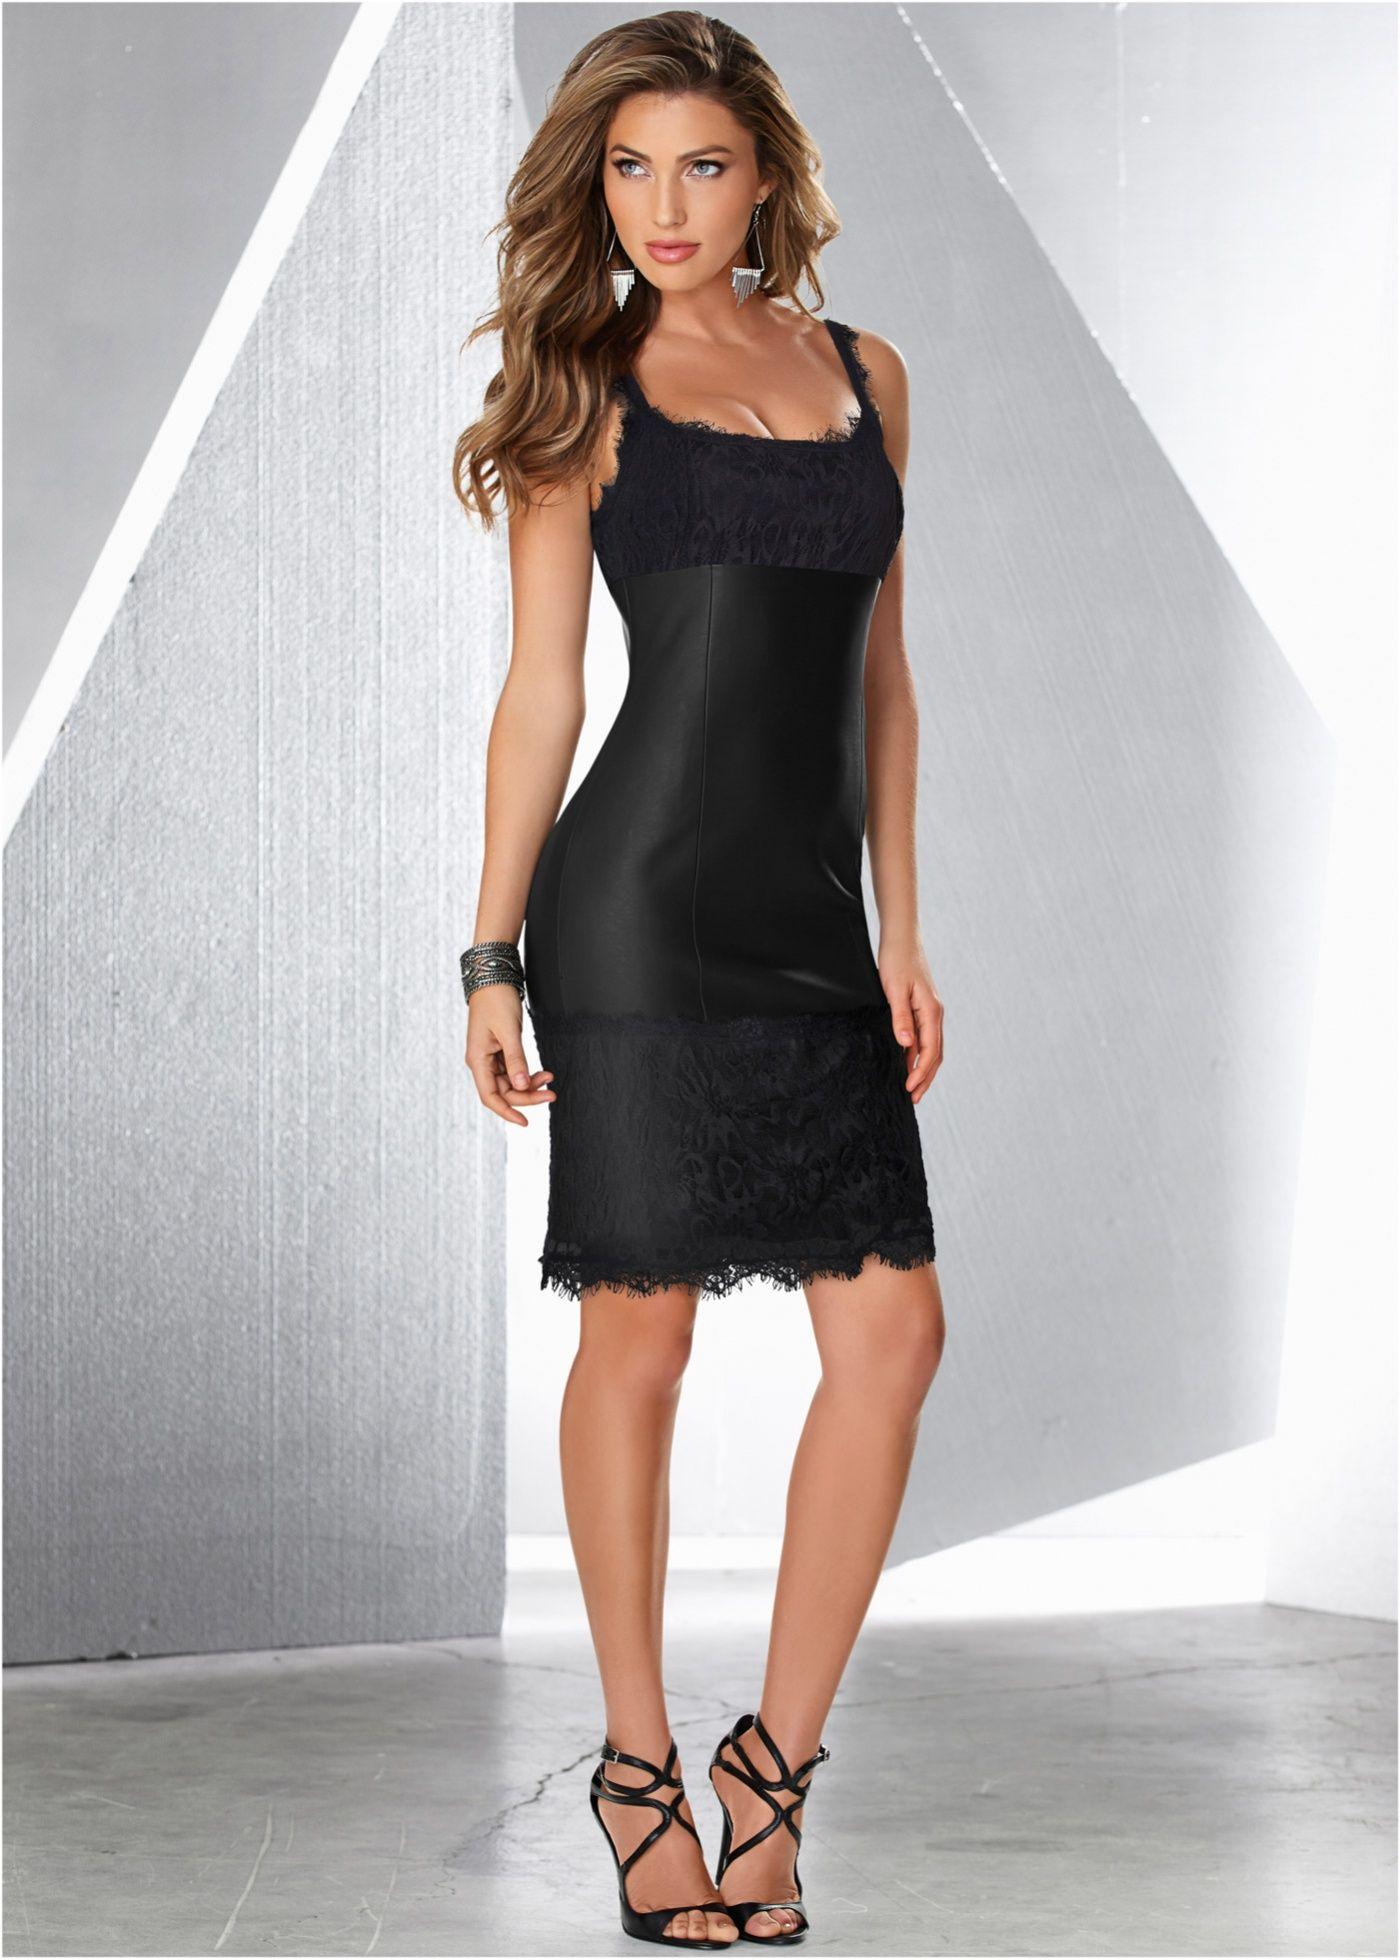 327763299 Vestido tubinho com renda preto encomendar agora na loja on-line bonprix.de  R  179